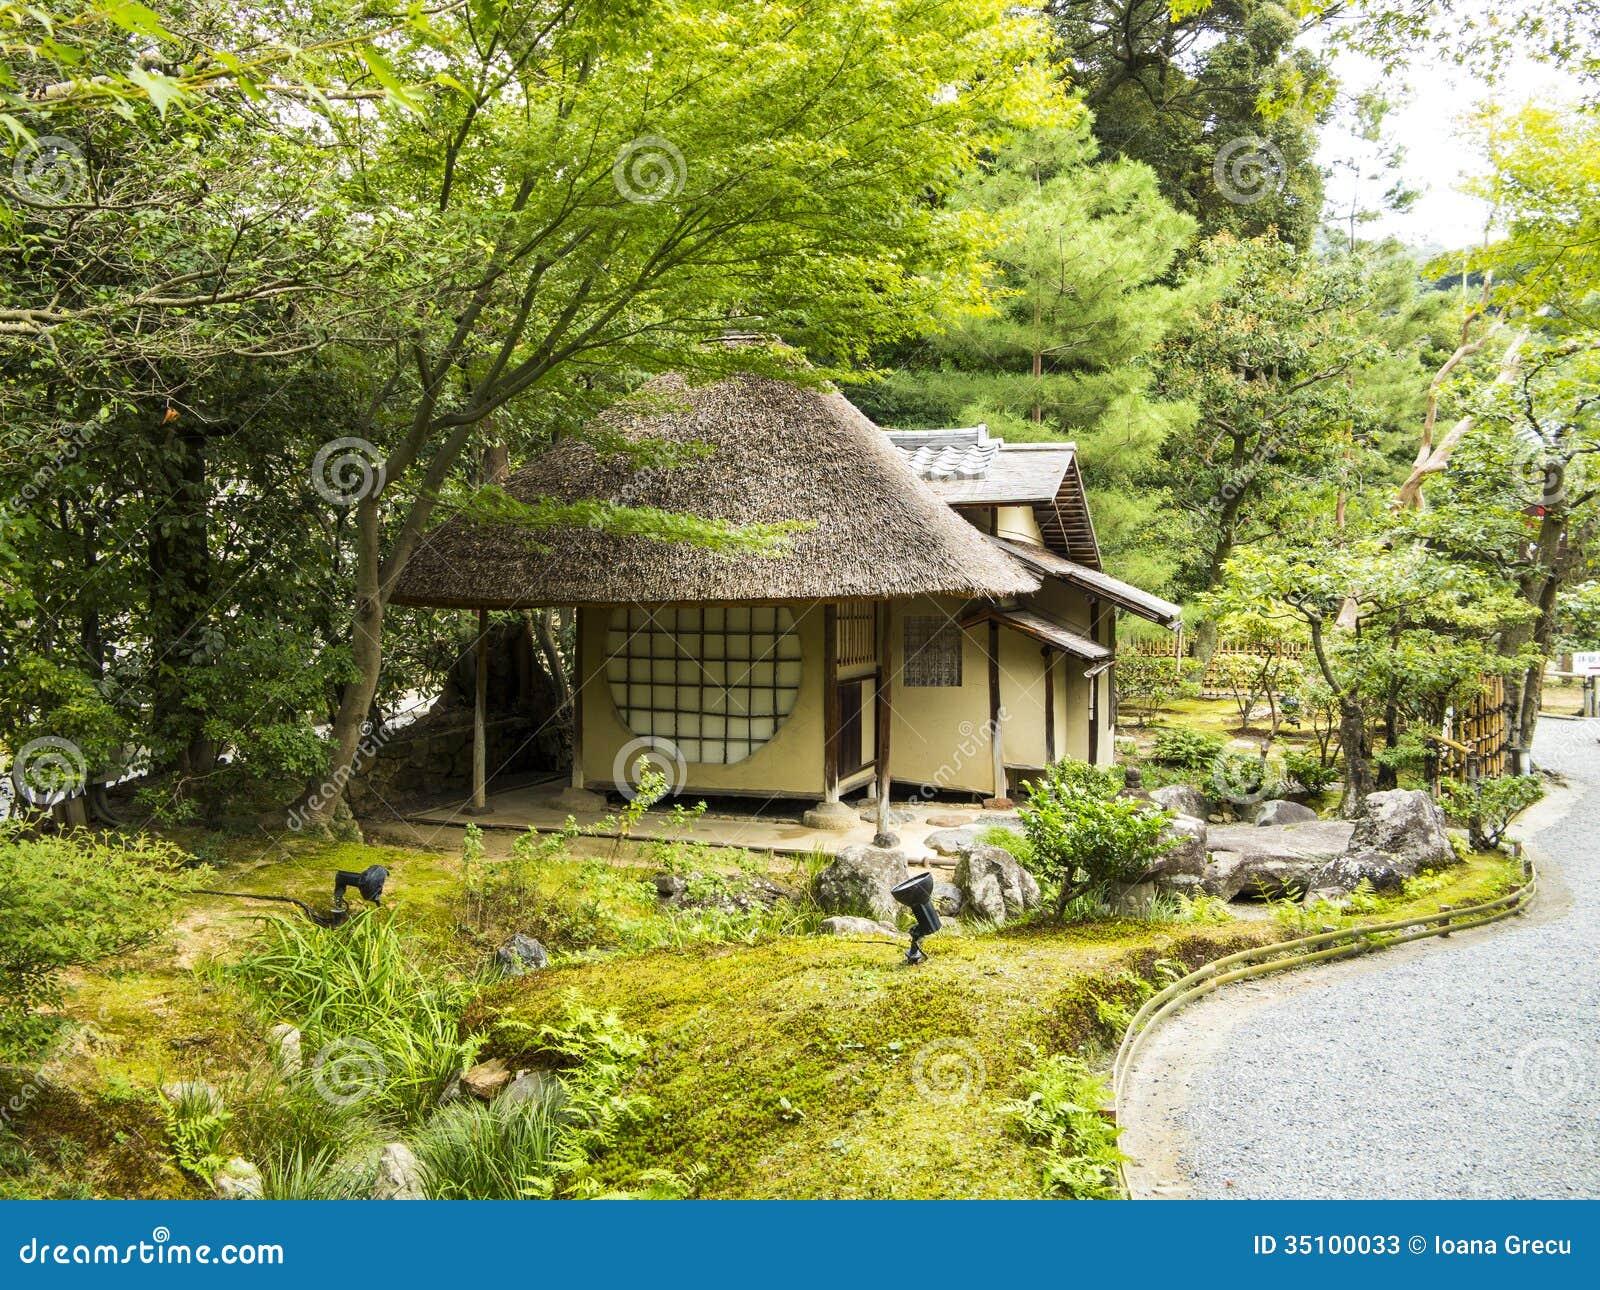 Small tea house in a garden stock photos image 35100033 for Japanese garden house